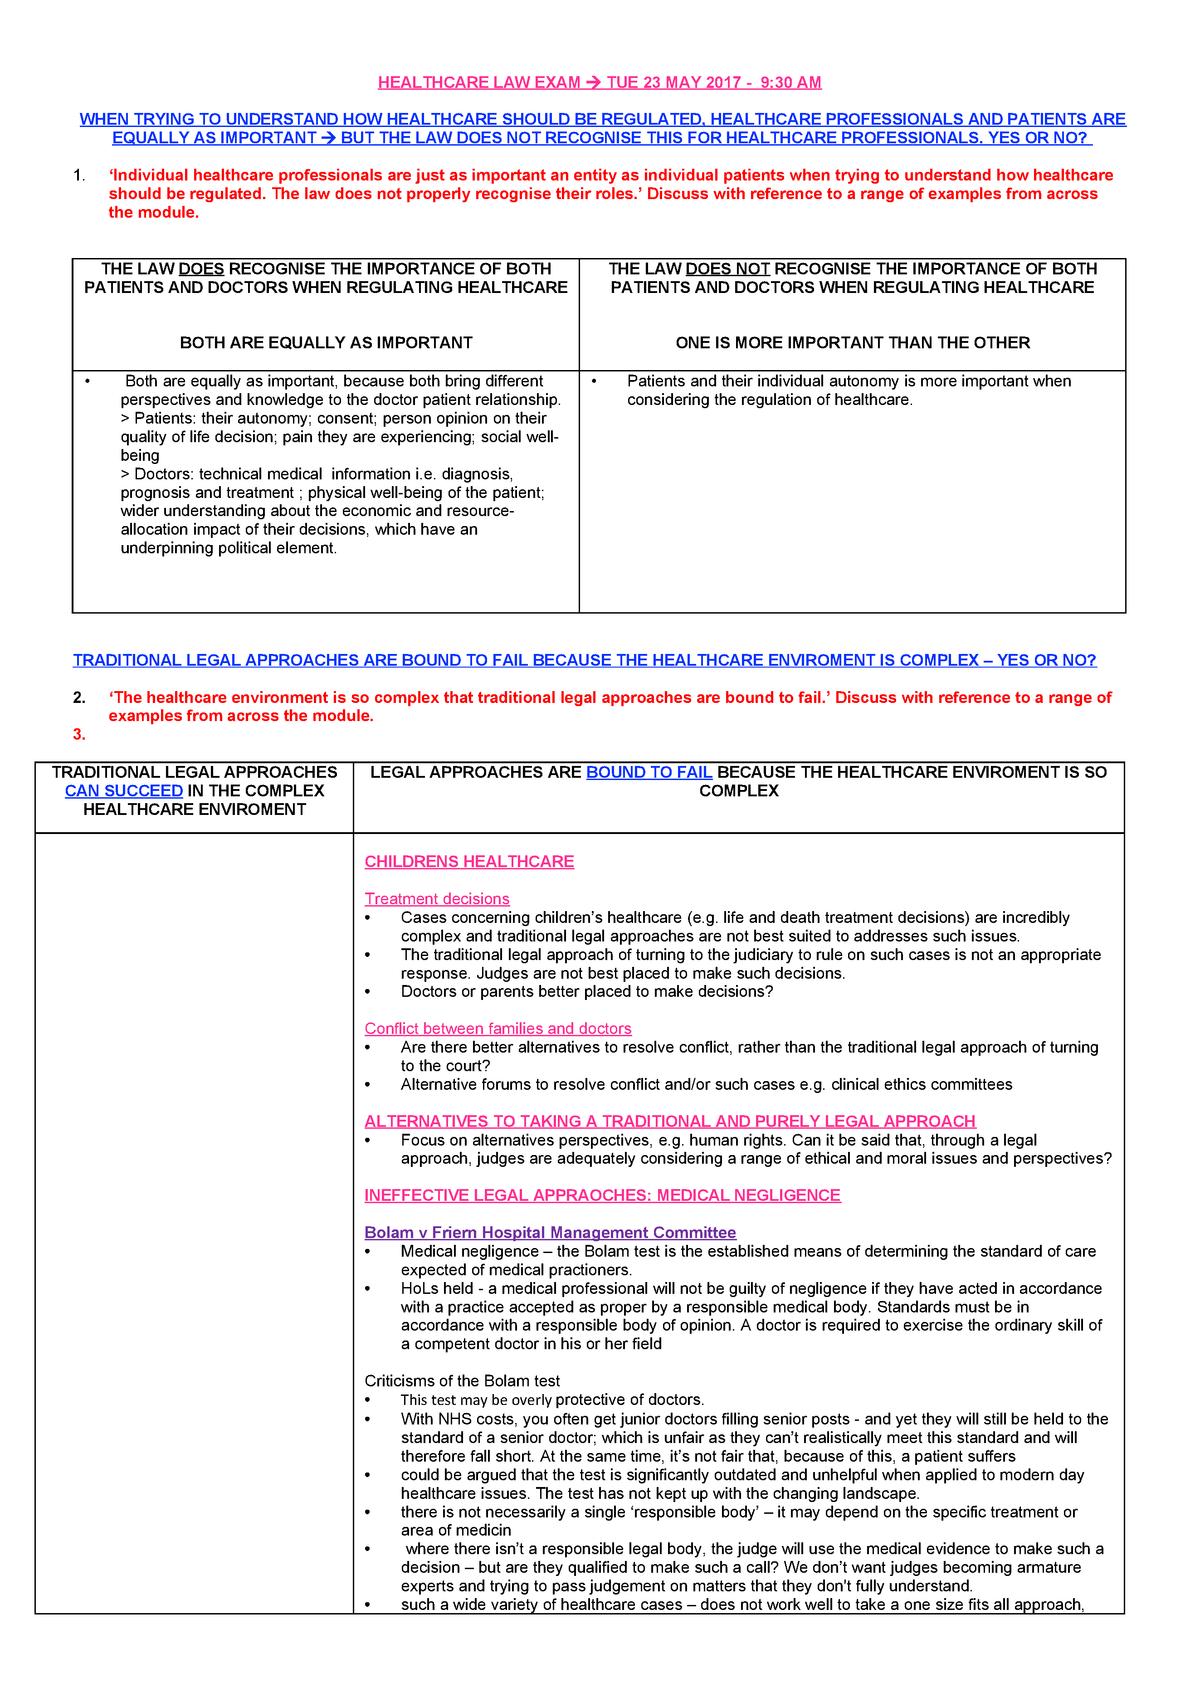 Healthcare LAW EXAM 2017 - Notes - M3024 - Sussex - StuDocu